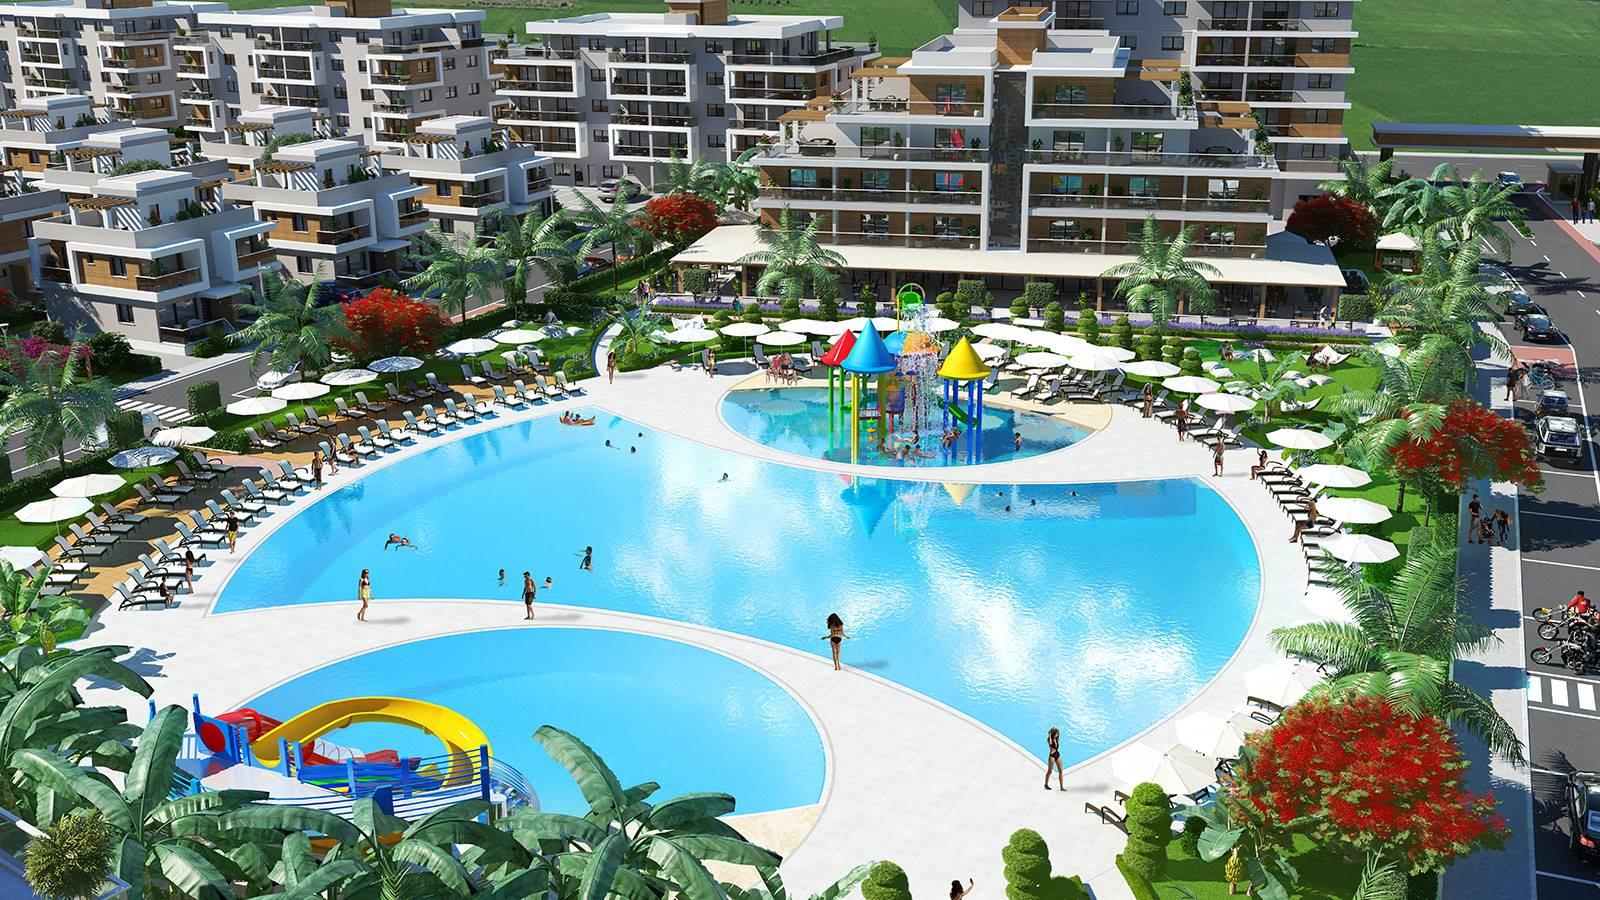 Royal Sun Elite, Iskele, Middelhavet, feriebolig, strand, sol, Long Beach, pool, basseng, restaurant, vannsklie